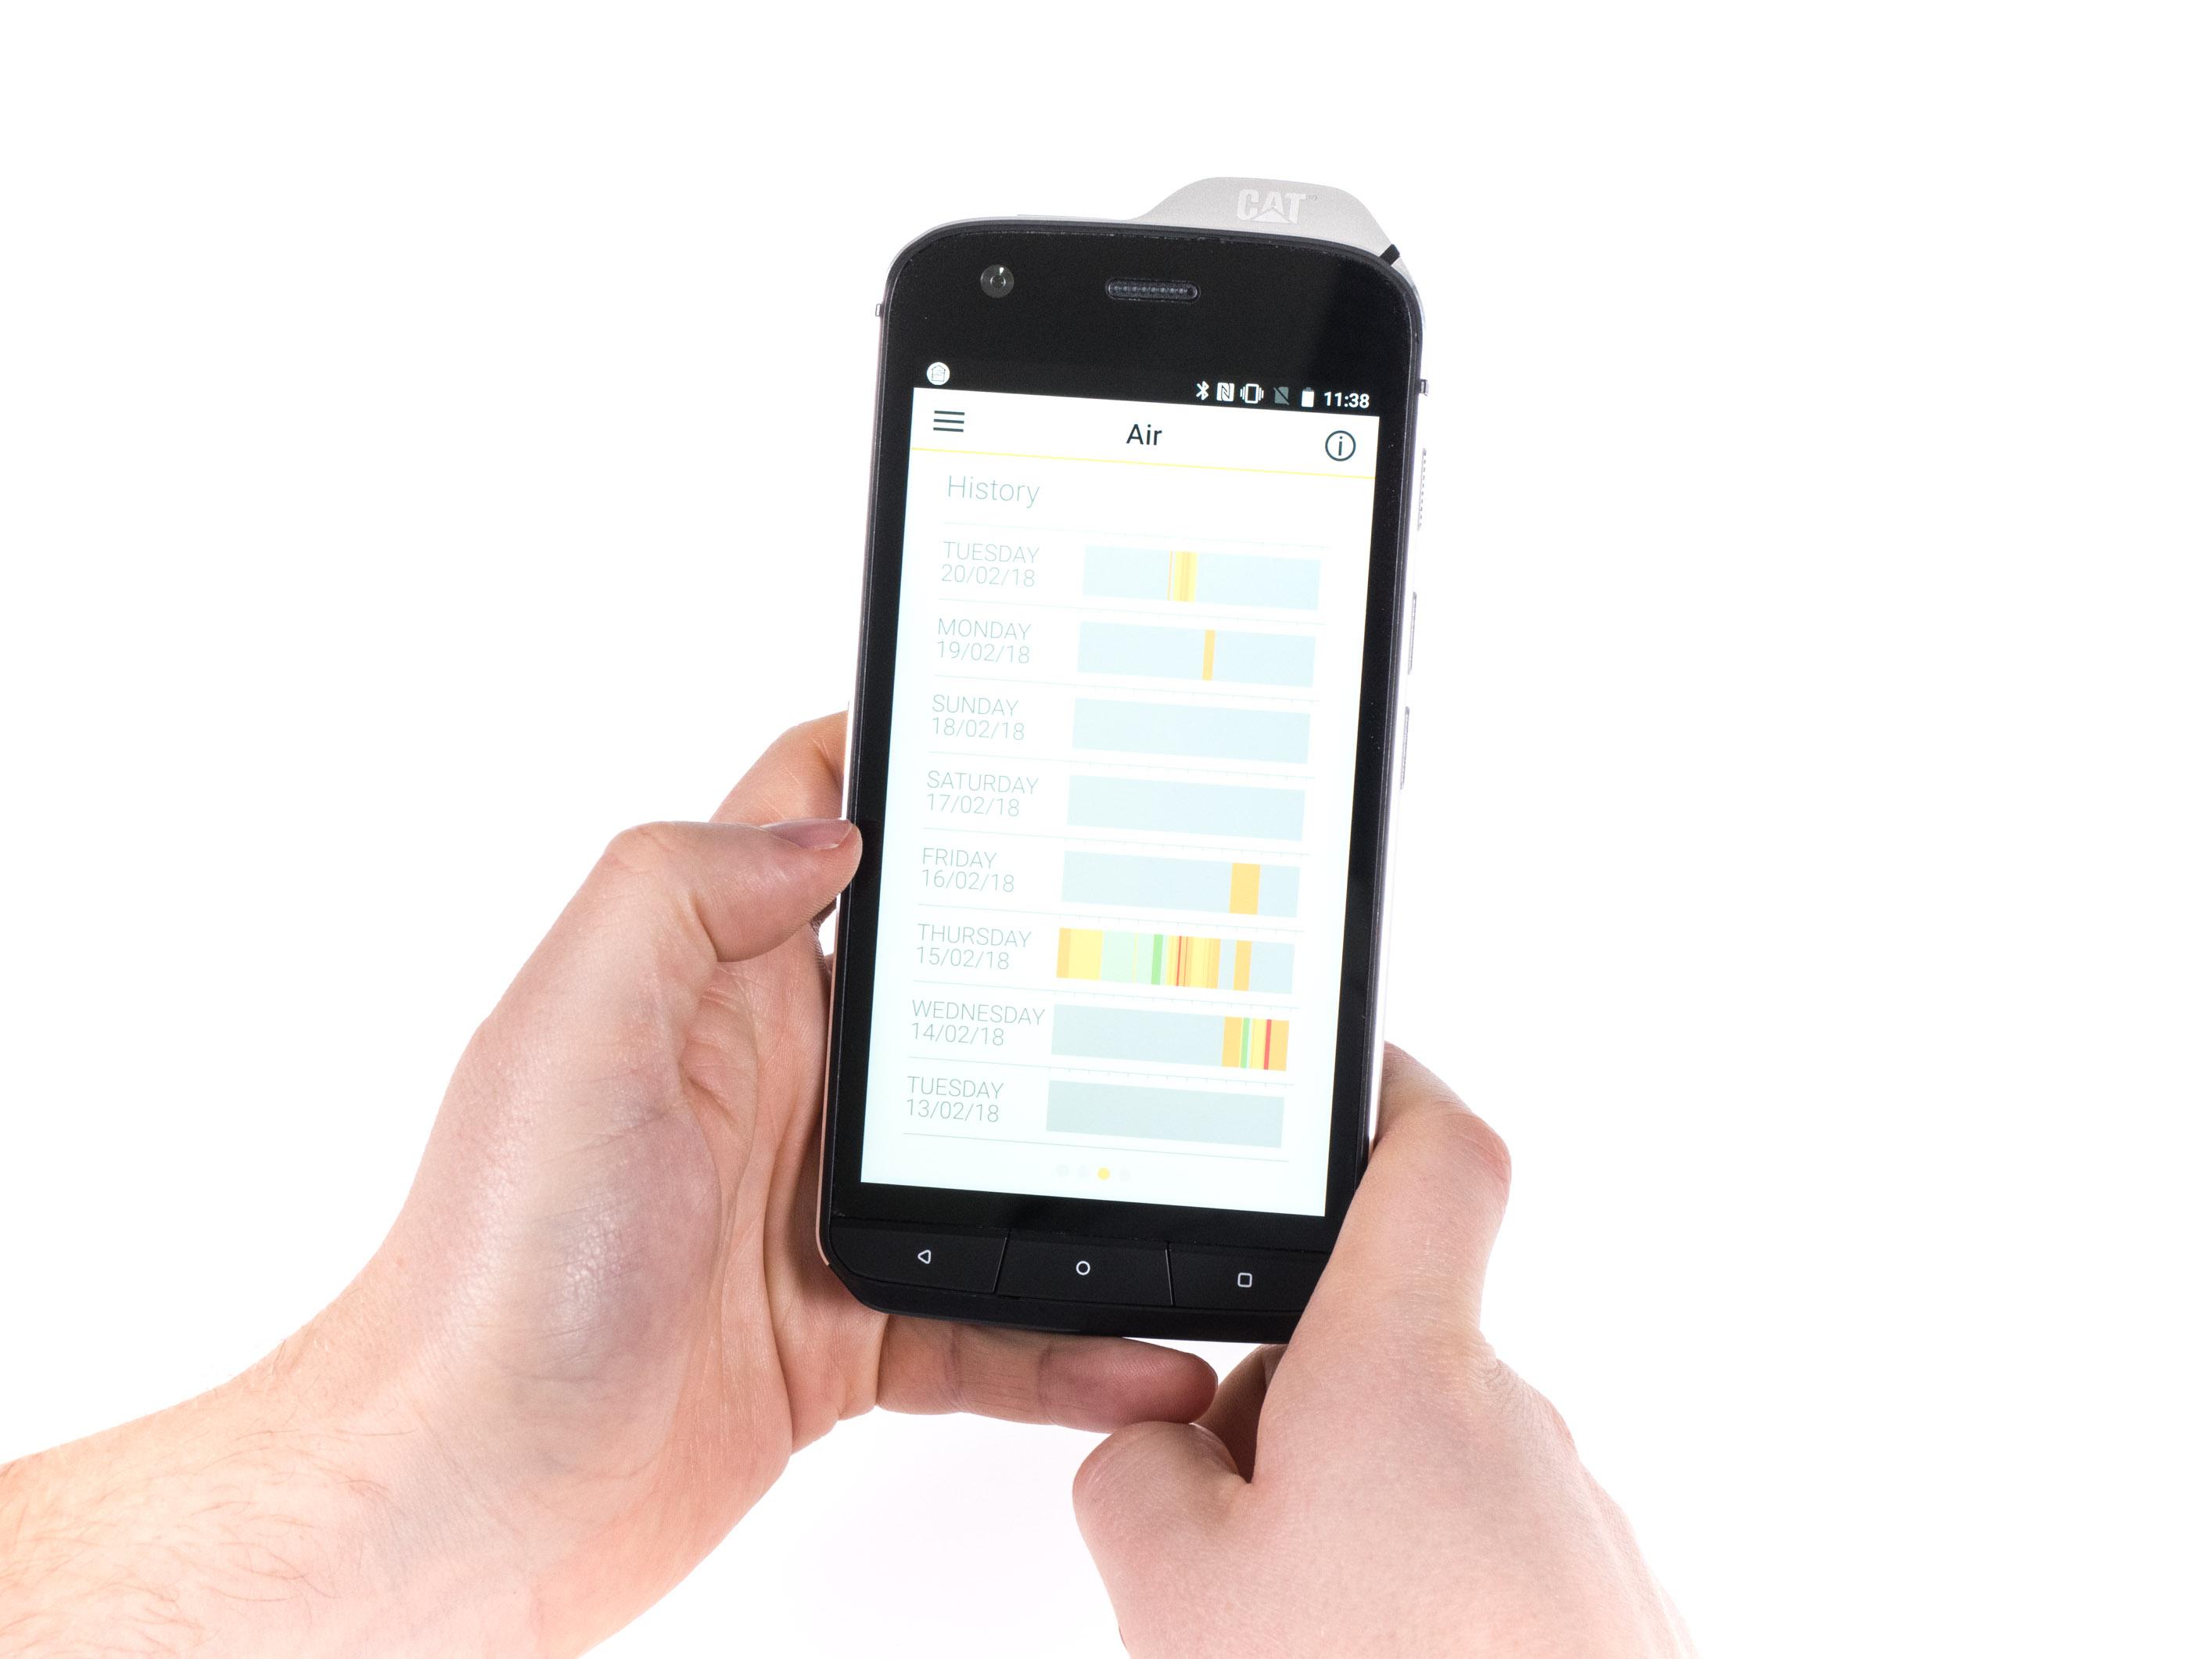 Cat S61 im Hands on: Smartphone kann Luftreinheit und Entfernungen messen - App zeigt die Luftverschmutzung der Umgebung. (Bild: Martin Wolf/Golem.de)